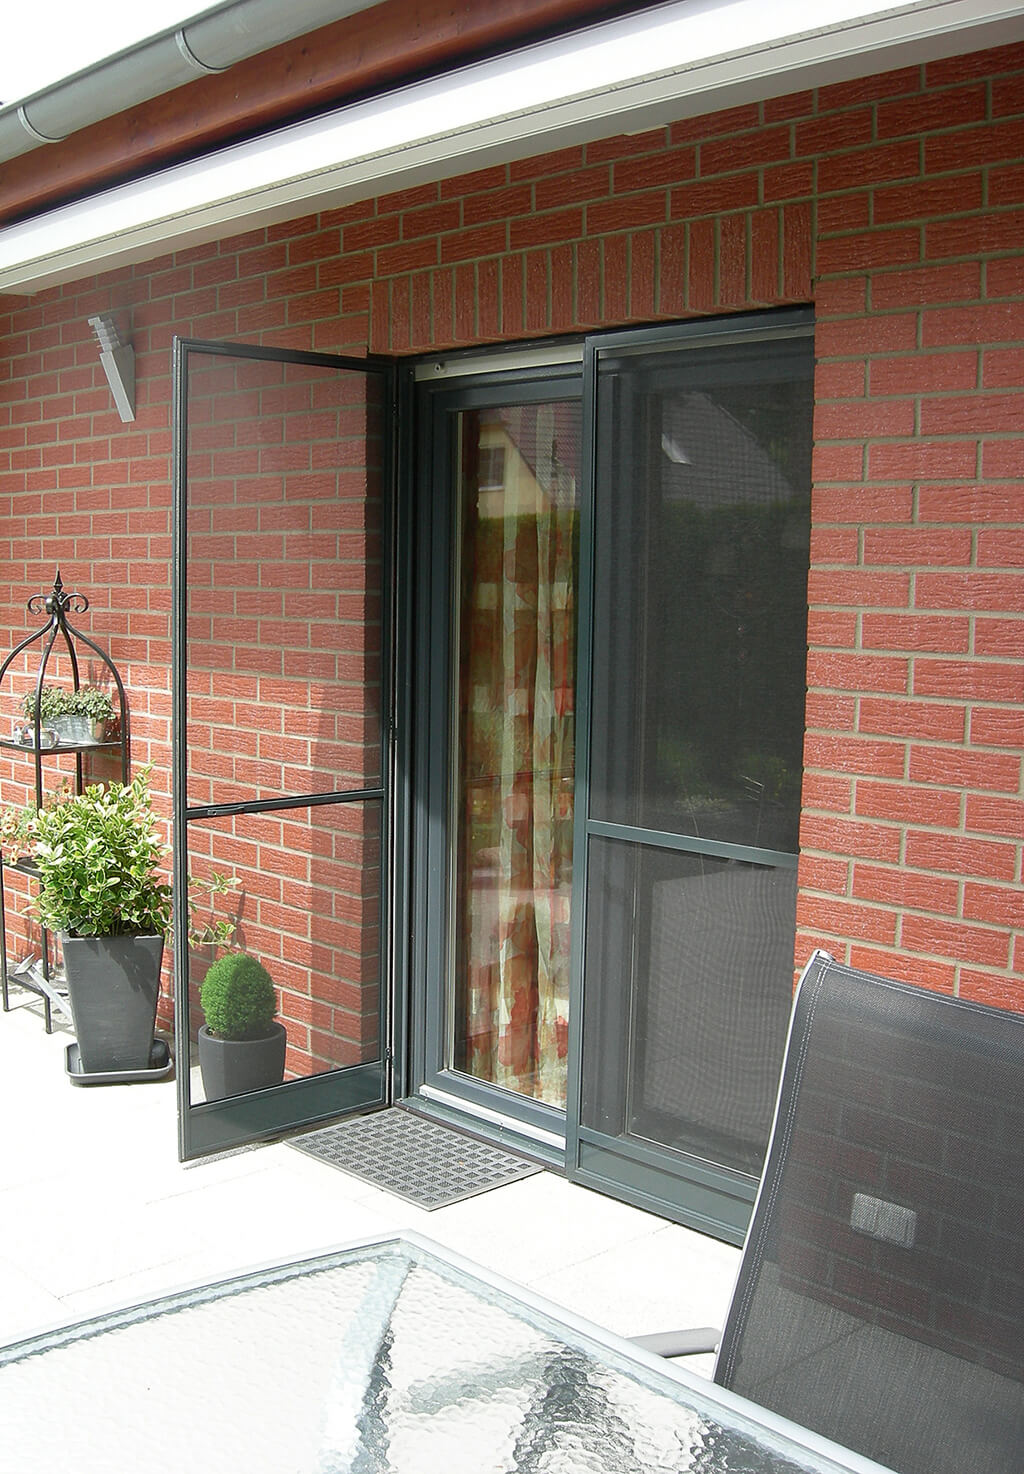 Insektenschutz-Schwingtür mit anthrazitfarbenem Rahmen für die Terrassentür